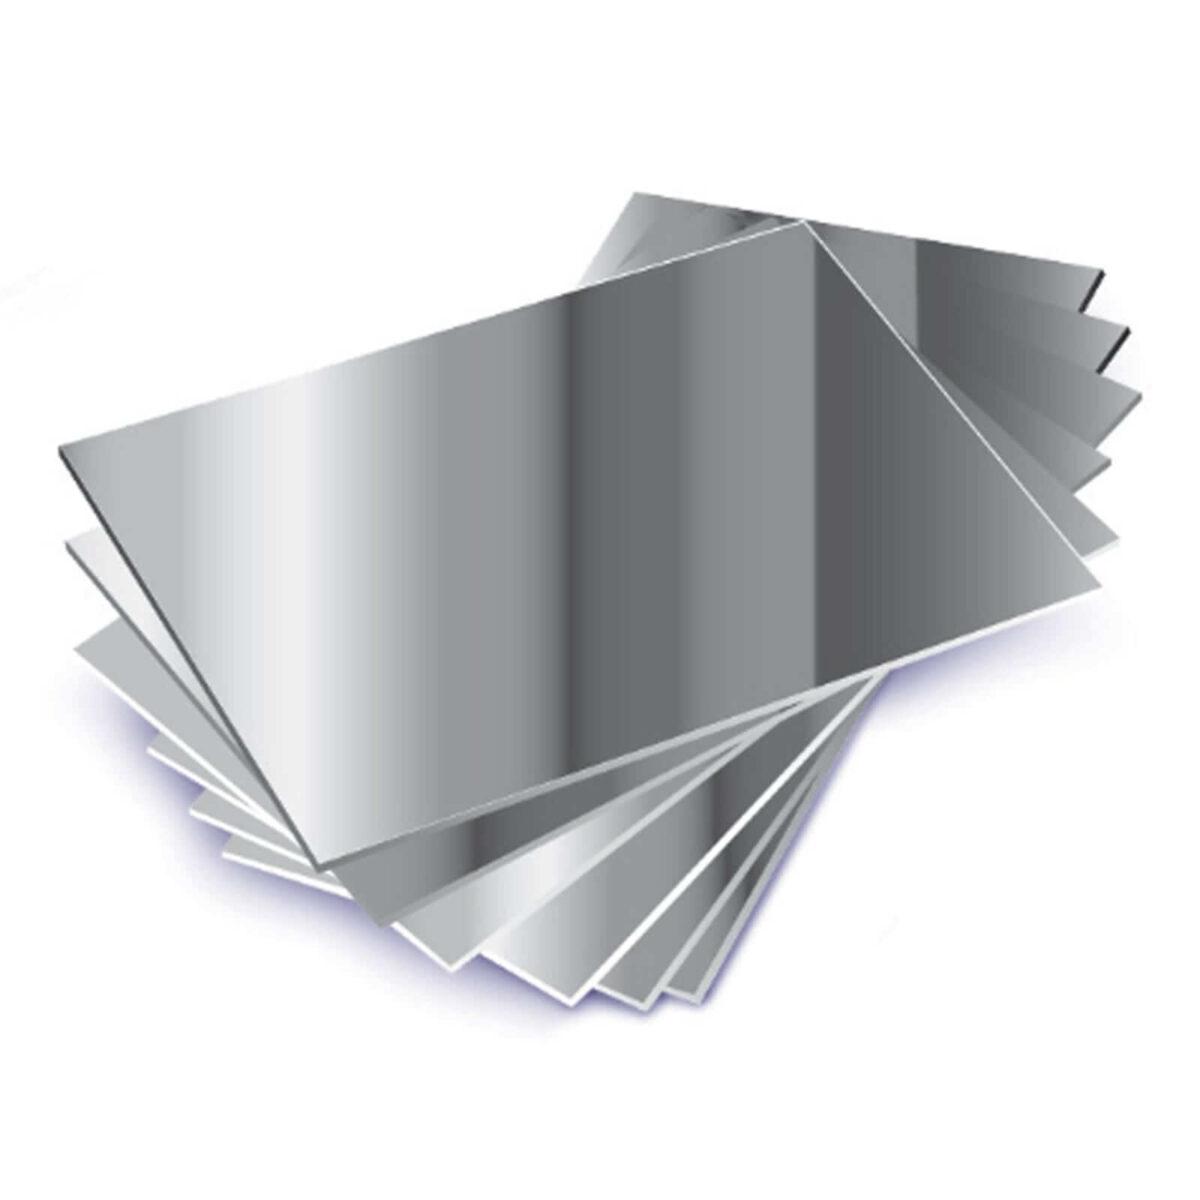 ورق پلکسی آینه ای